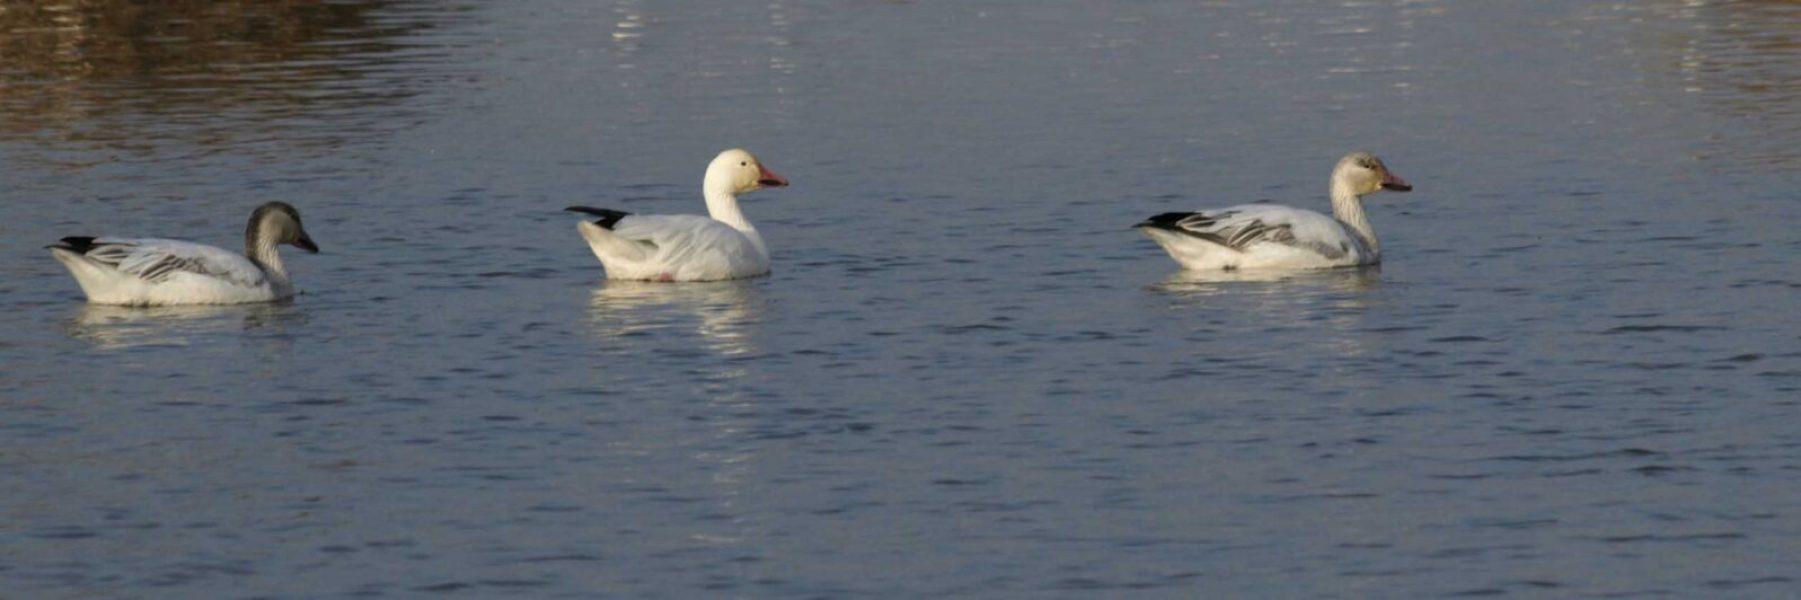 Ducks swimminmg